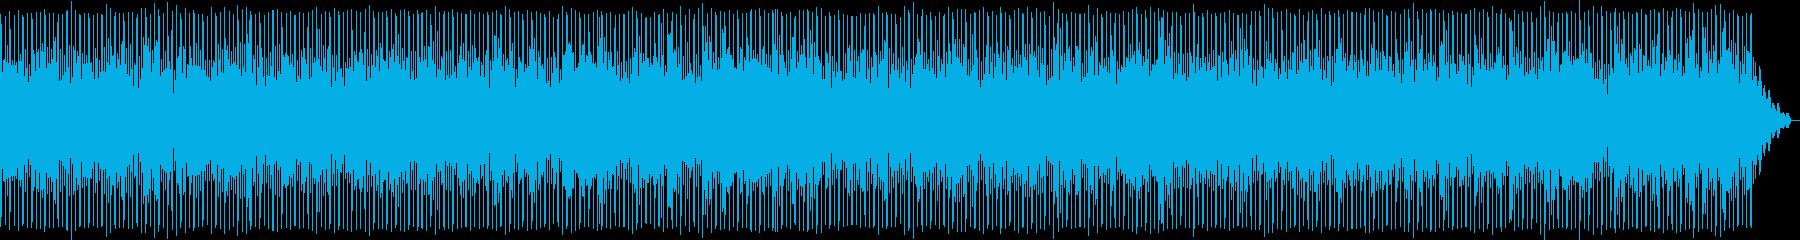 軽やかなテクノポップスの再生済みの波形